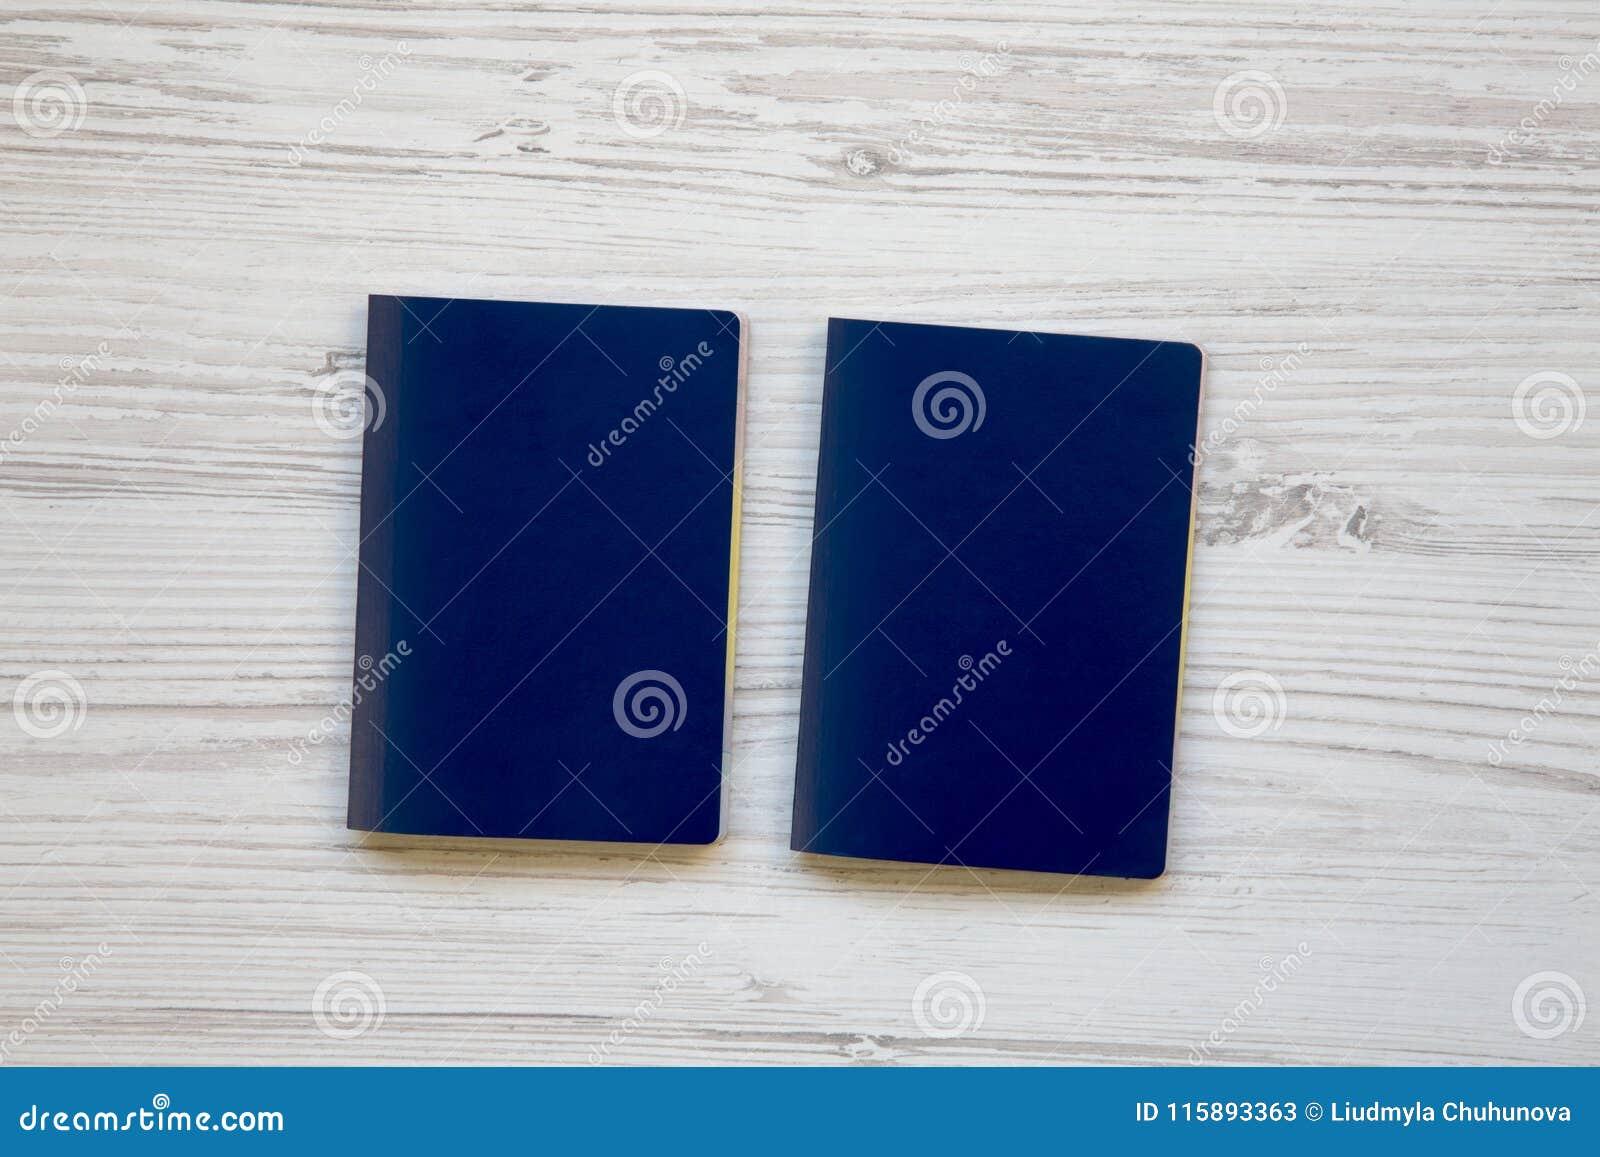 Δύο κενά μπλε διαβατήρια άσπρο σε ξύλινο